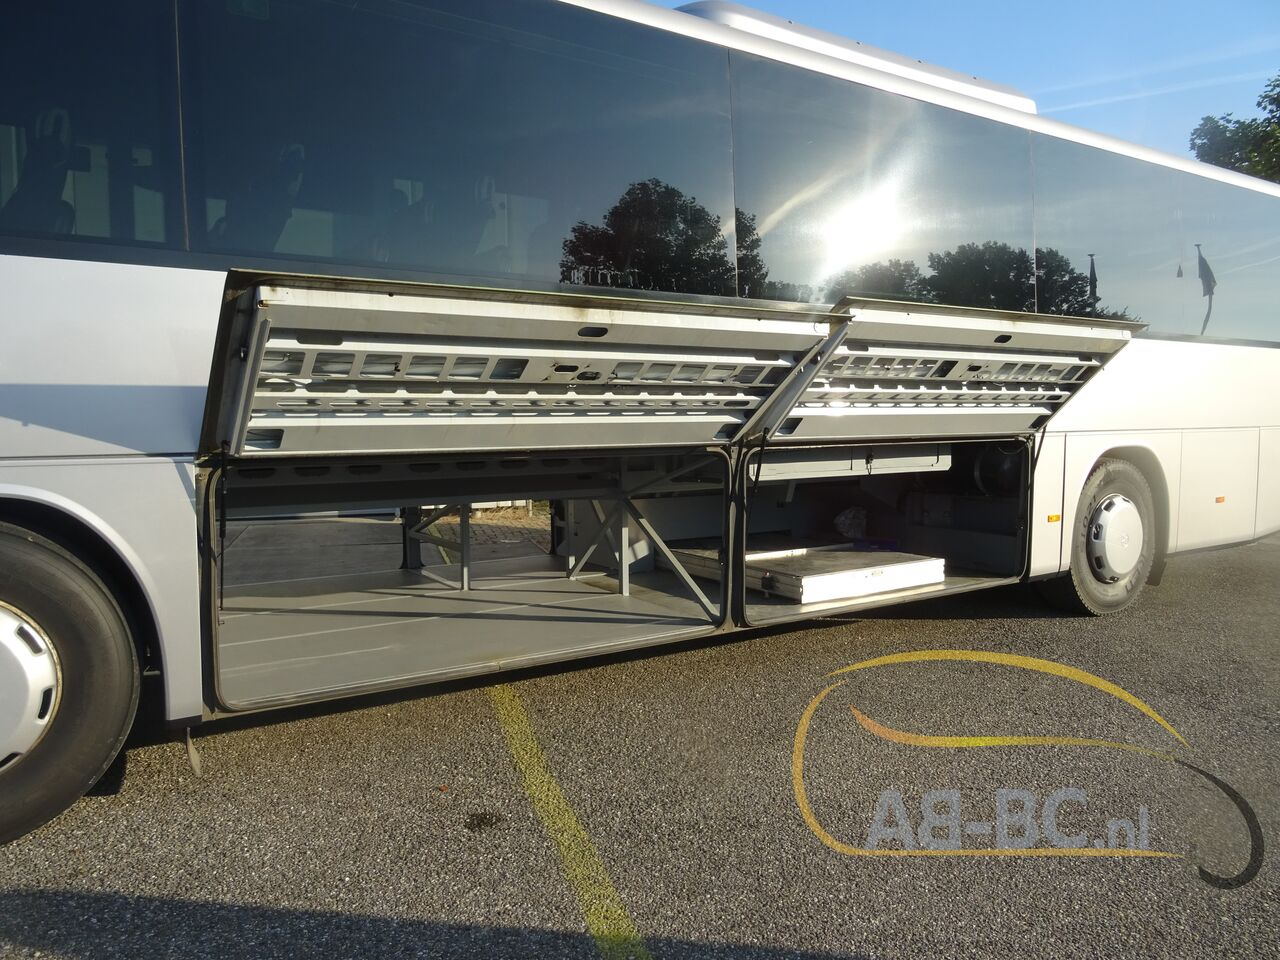 coach-bus-SETRA-S415H-52-Seats-EURO-6-Liftbus---1630913044698018073_big_f86654b093c11fe7660699918255685a--21070517141280735500